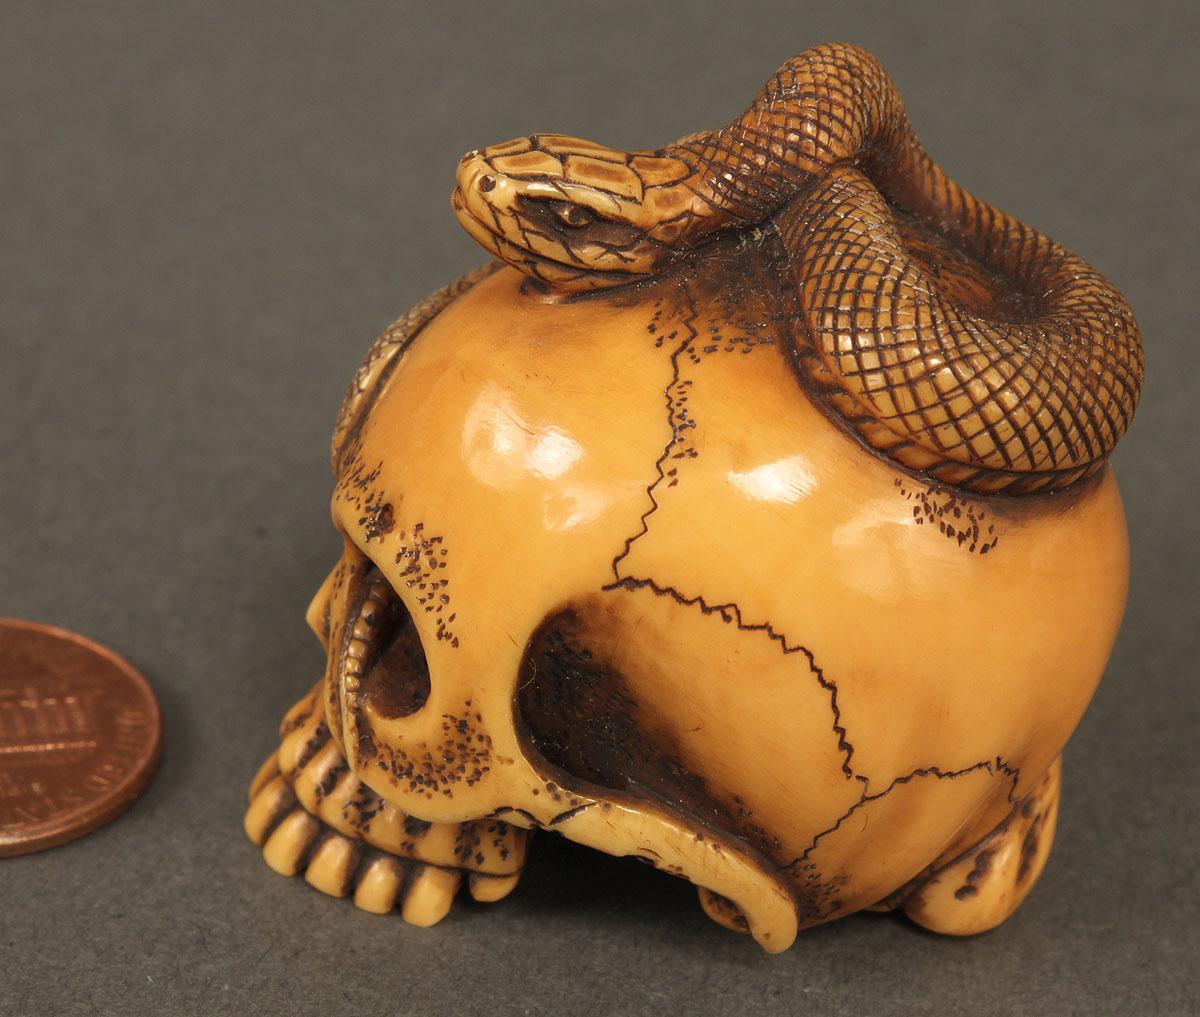 Lot 11 Japanese Ivory Netsuke Skull Amp Snake